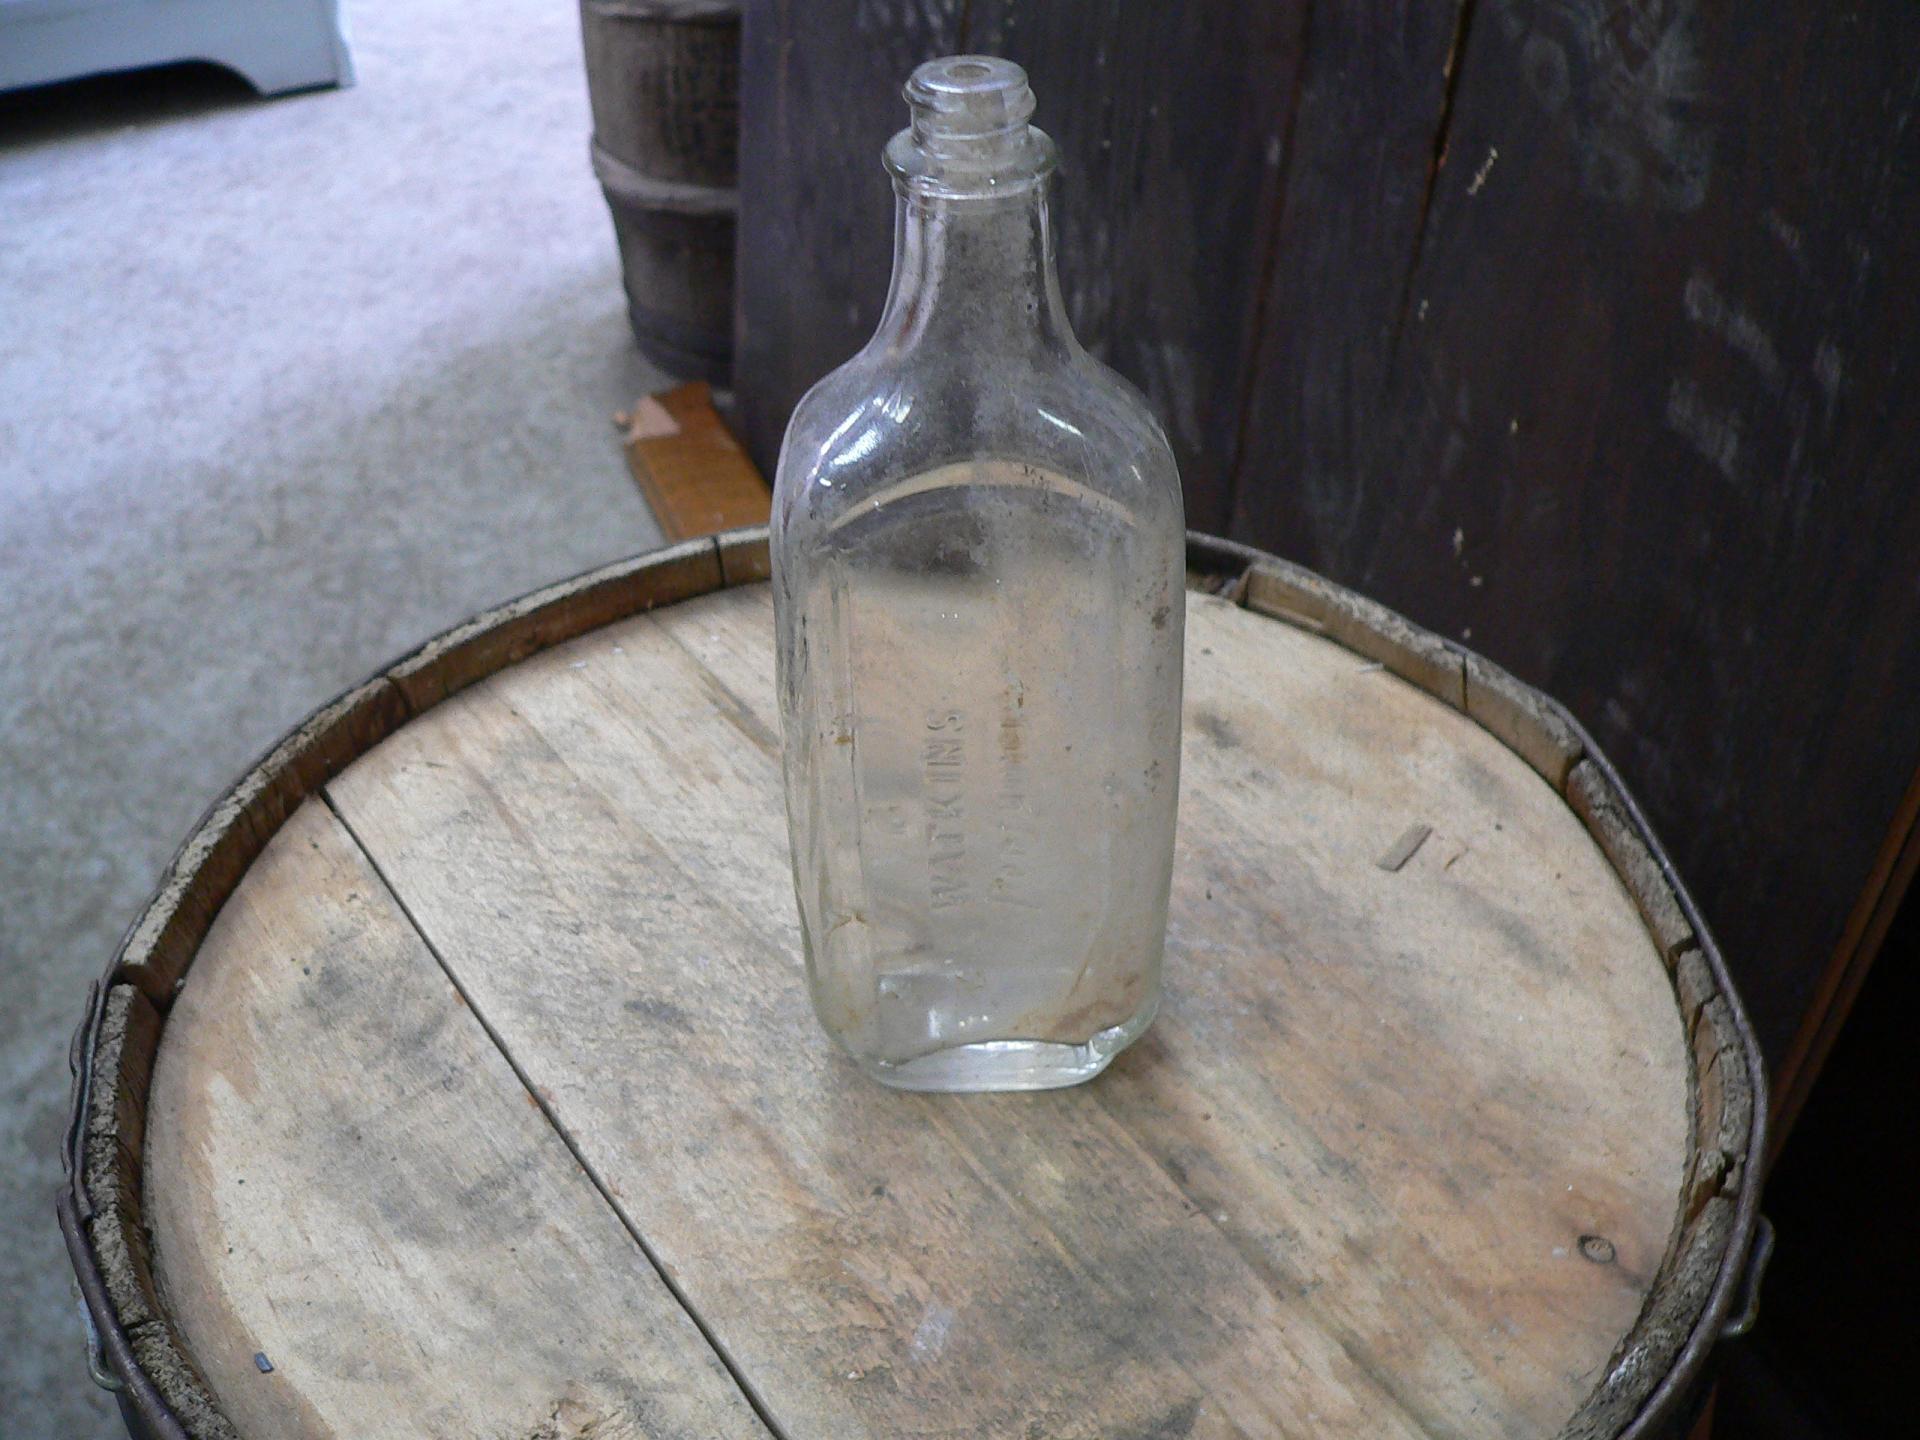 Bouteille antique watkins perfumer # 5023.40